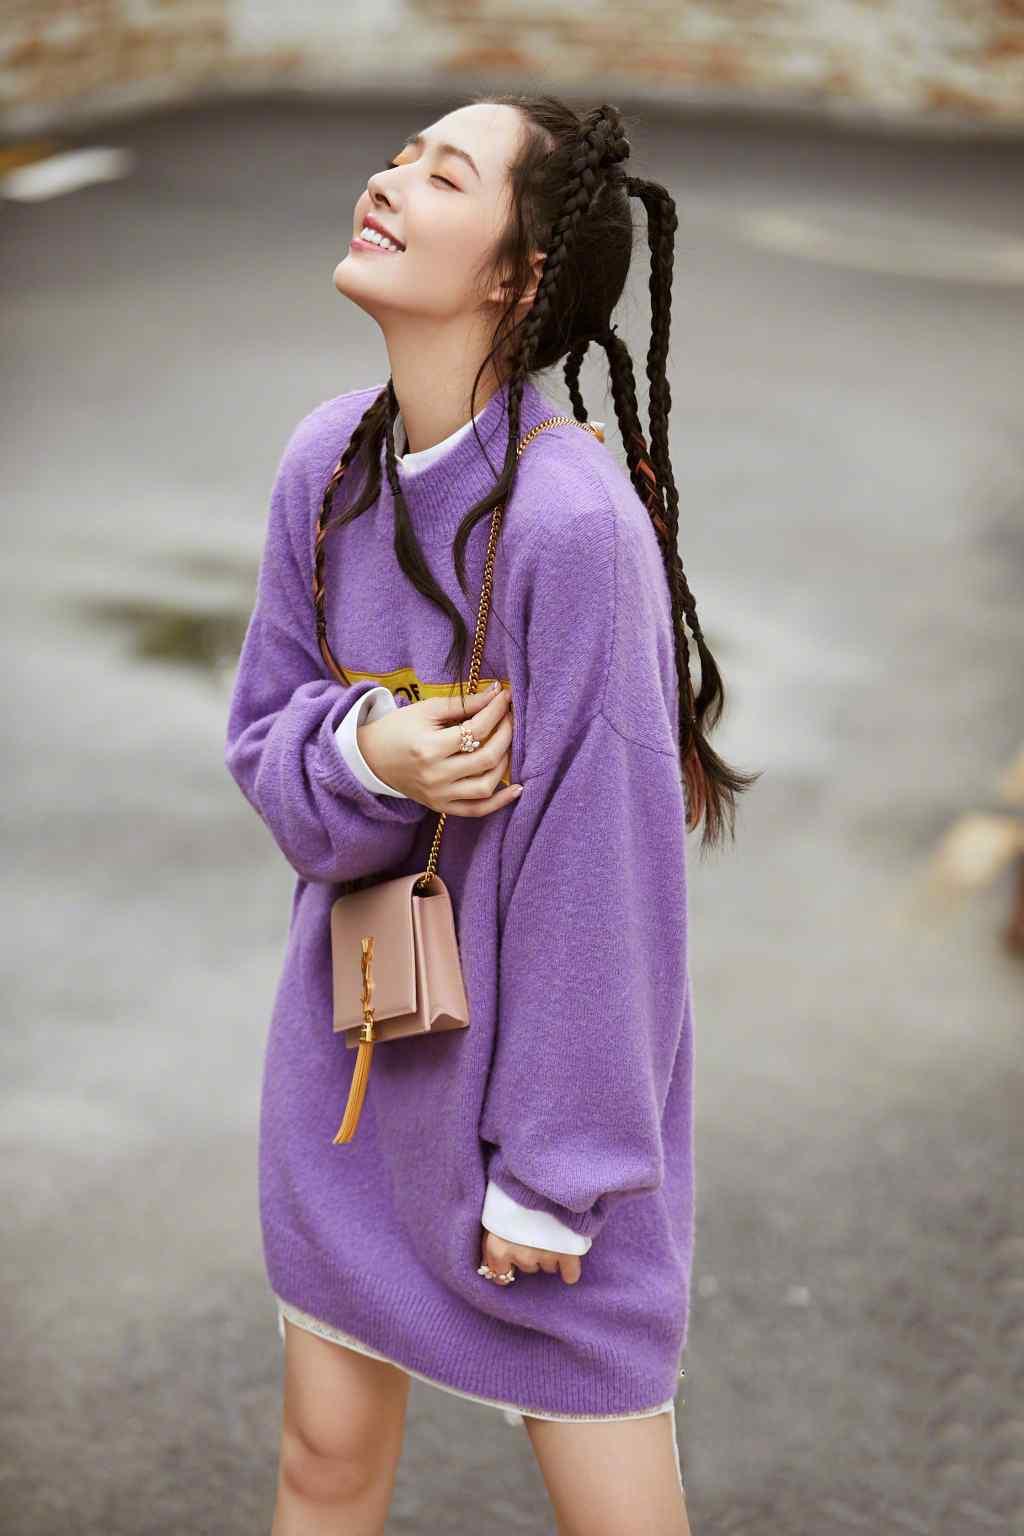 郭碧婷麻花辫紫色毛衣性感街拍图片